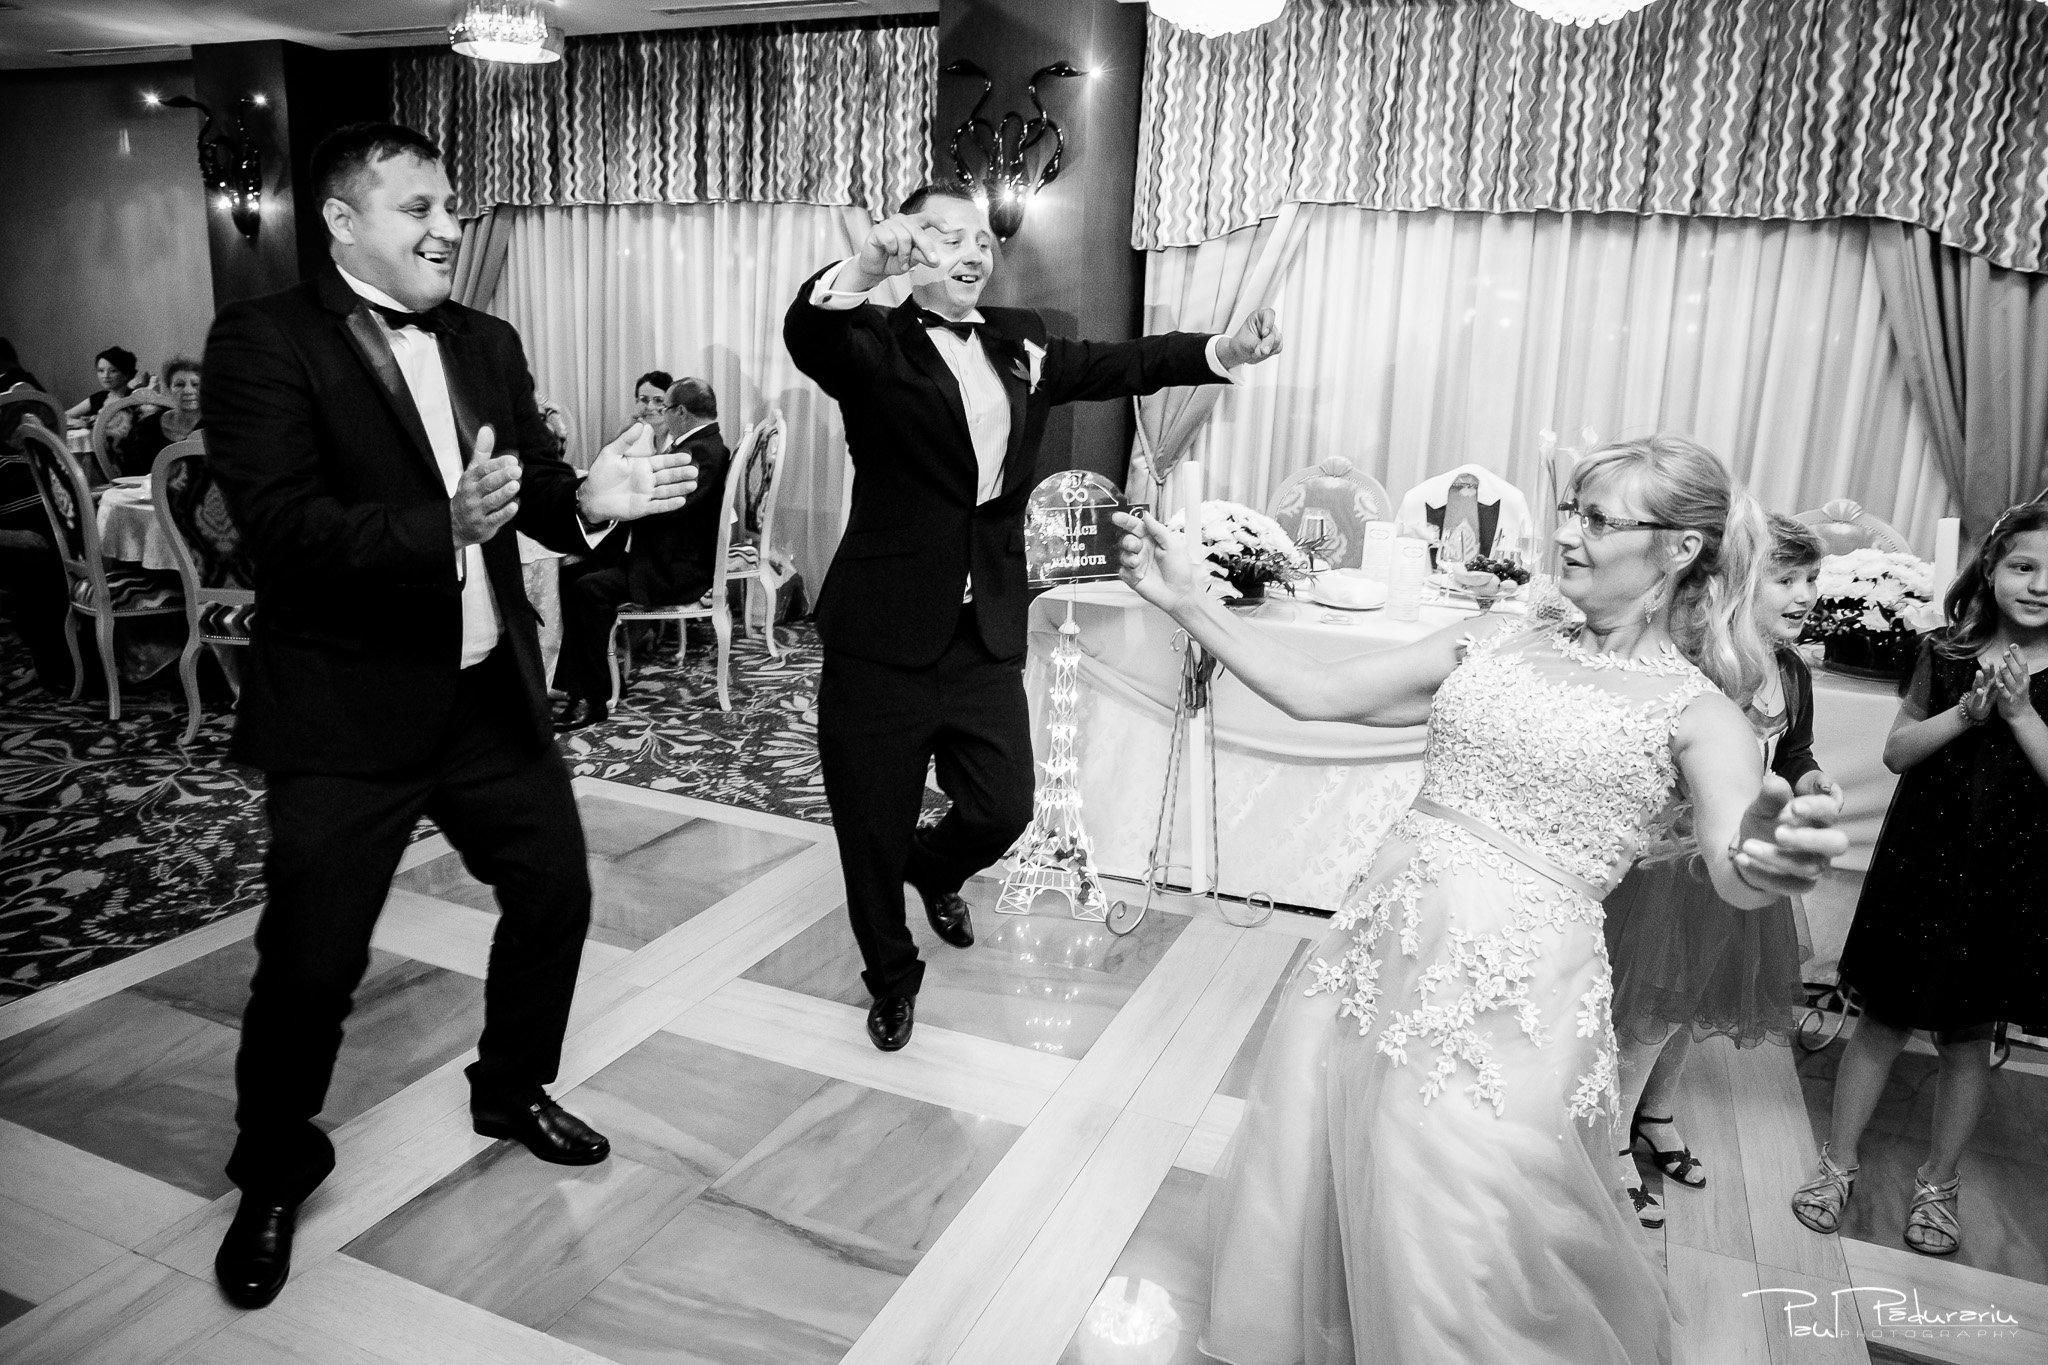 Petrecere la Pleaiada nunta cu tema Paris Ema si Tudor fotograf profesionist de nunta iasi www.paulpadurariu.ro © 2017 Paul Padurariu - petrecere invitati